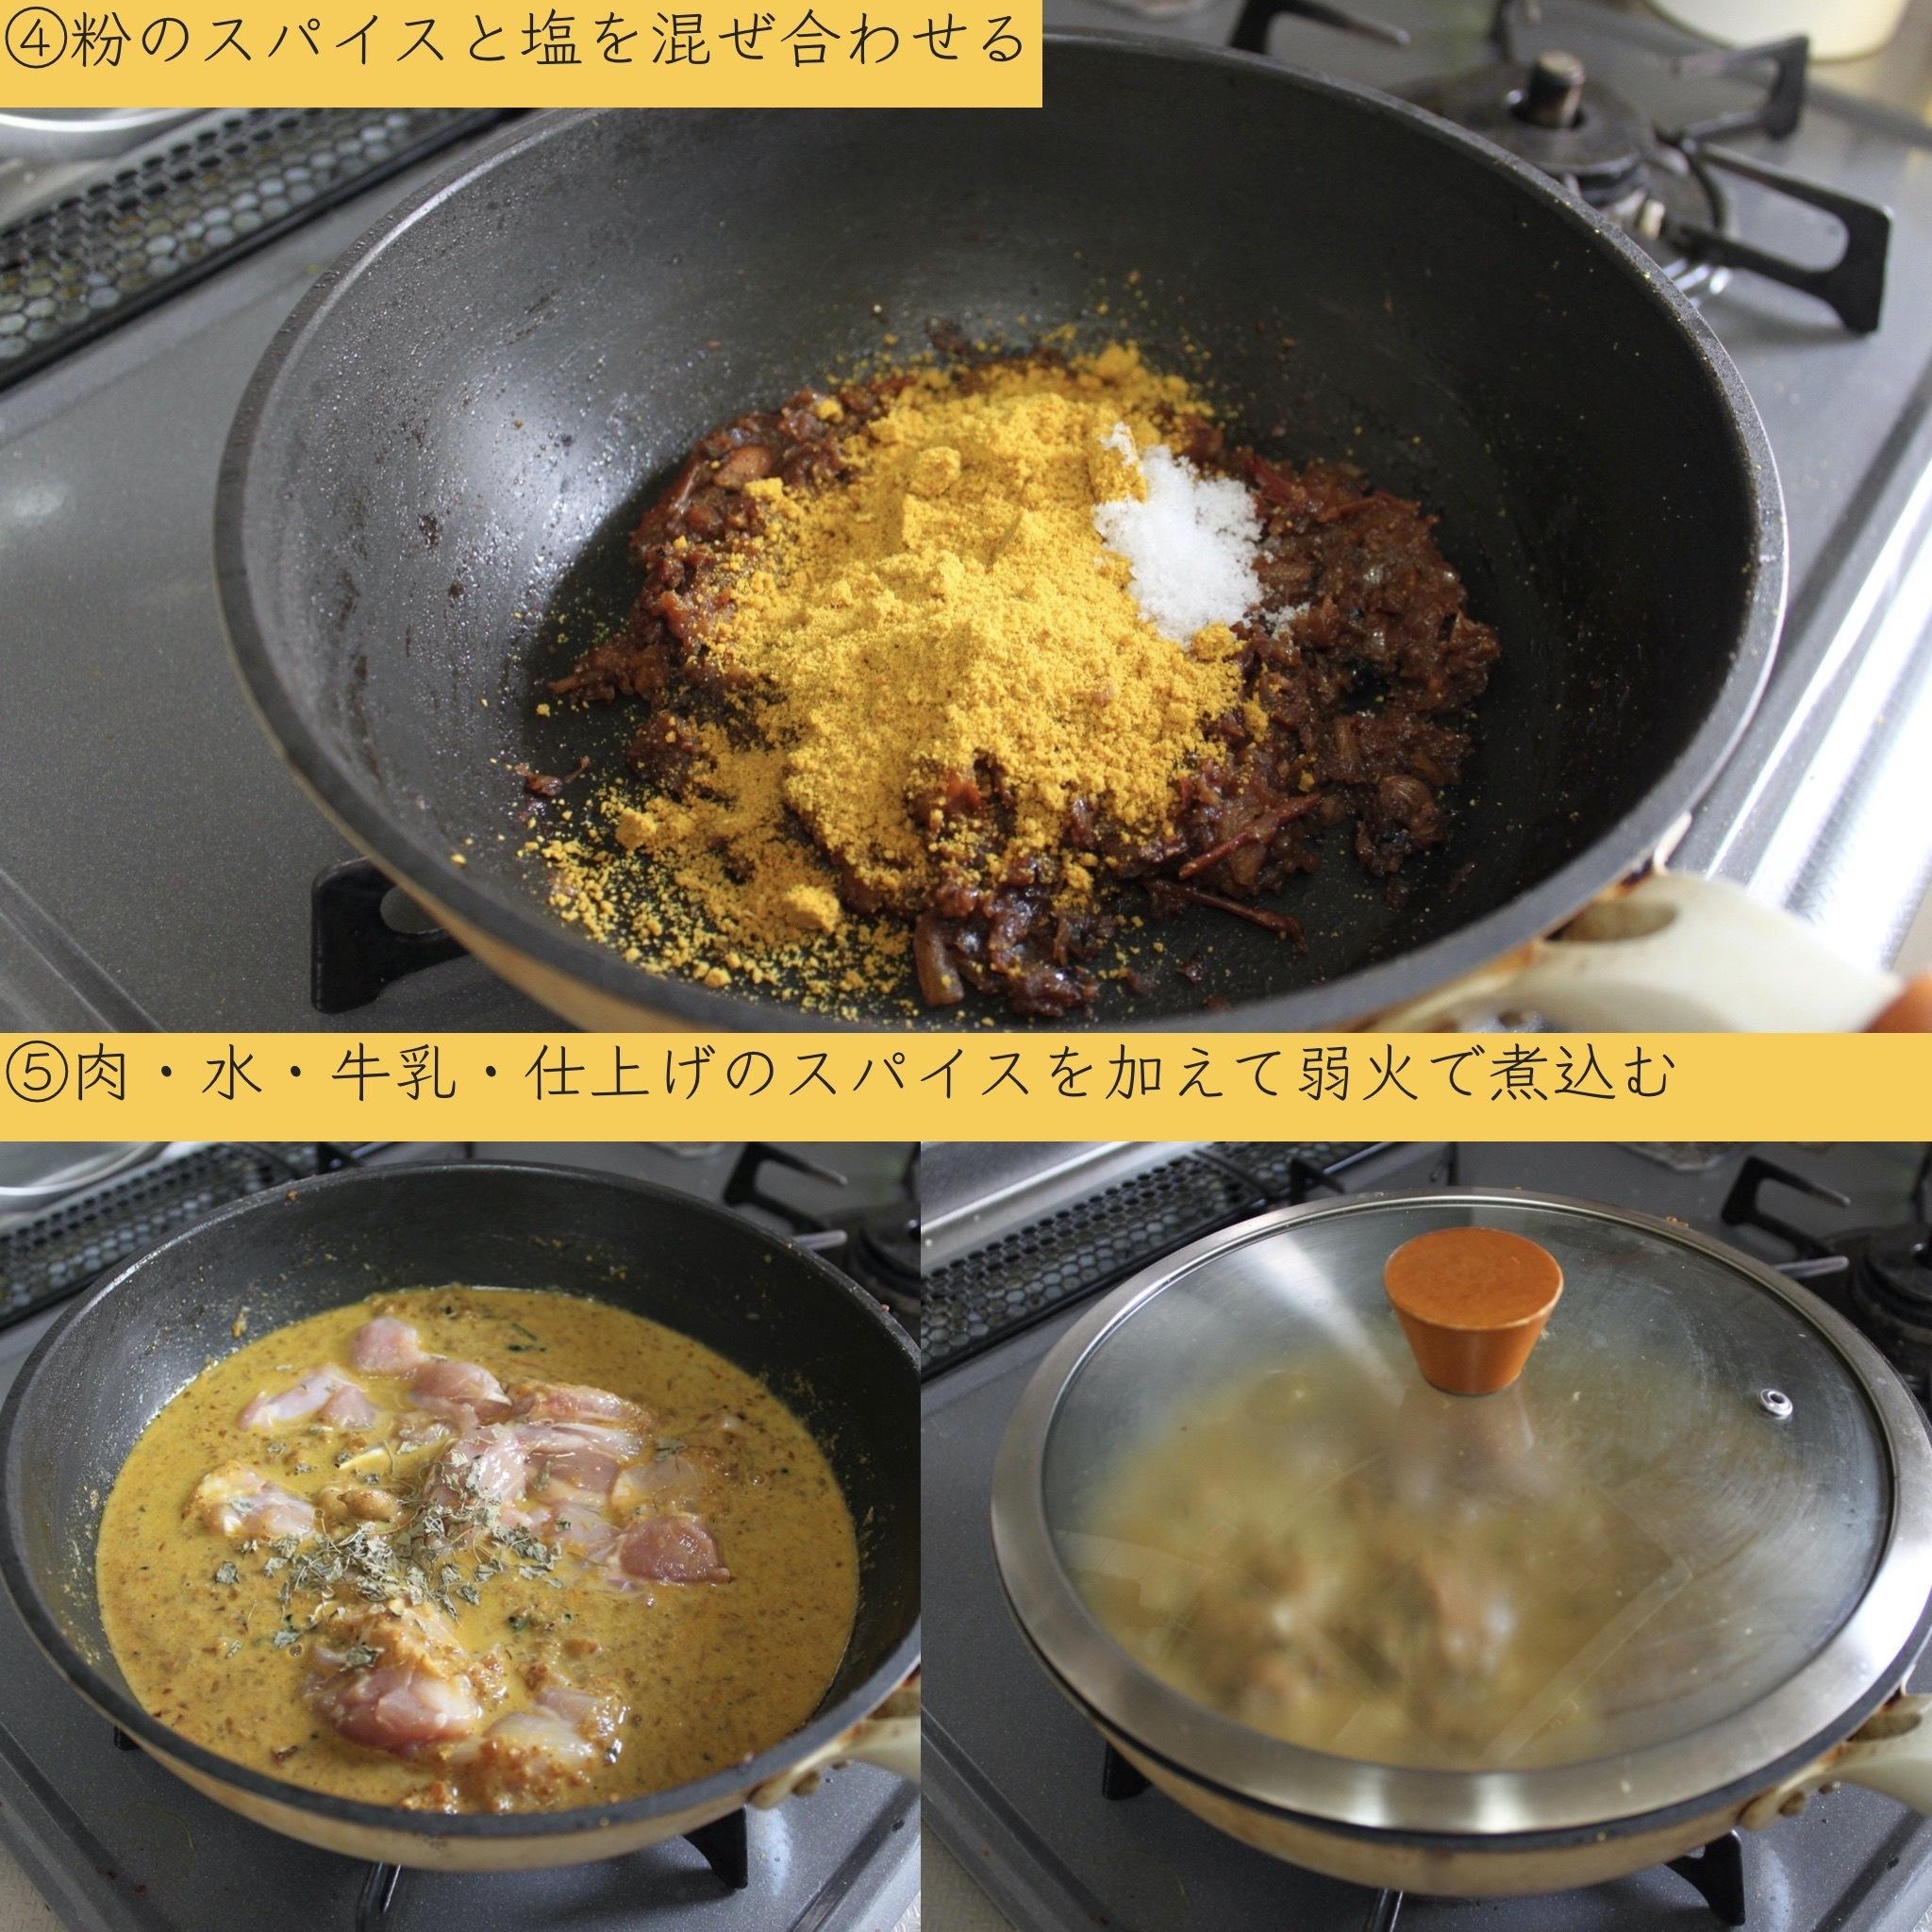 【ナッツ香る】チキンカレー 9種のスパイスセット 4人前